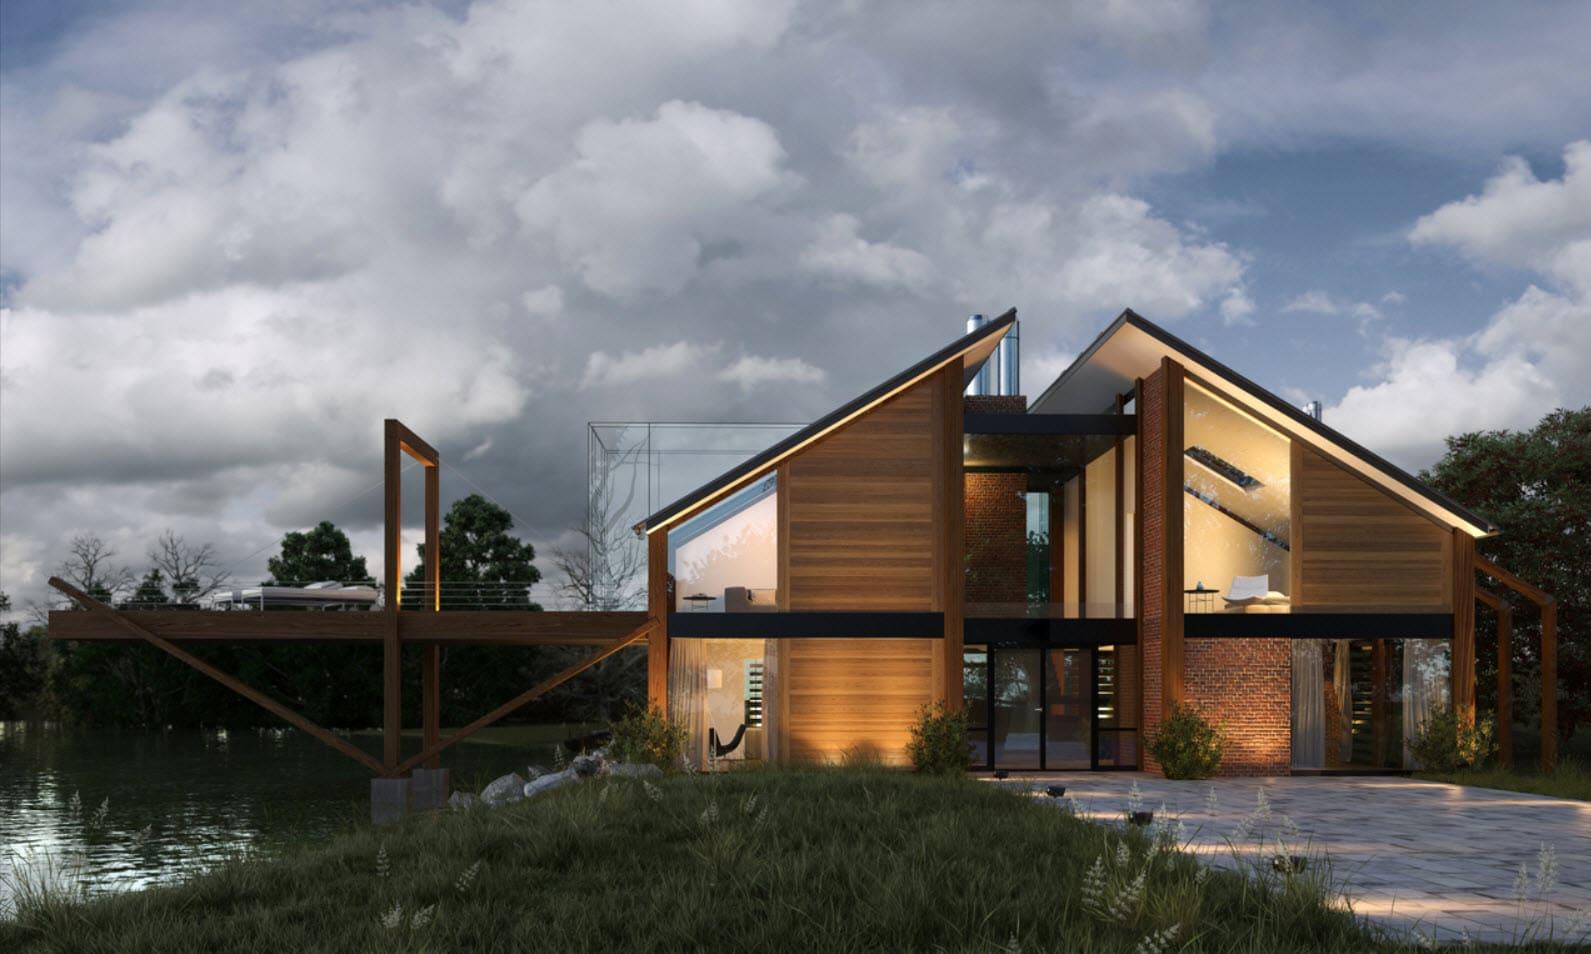 Dise o de casa de madera moderna hermosa fachada for Casas de madera modernas